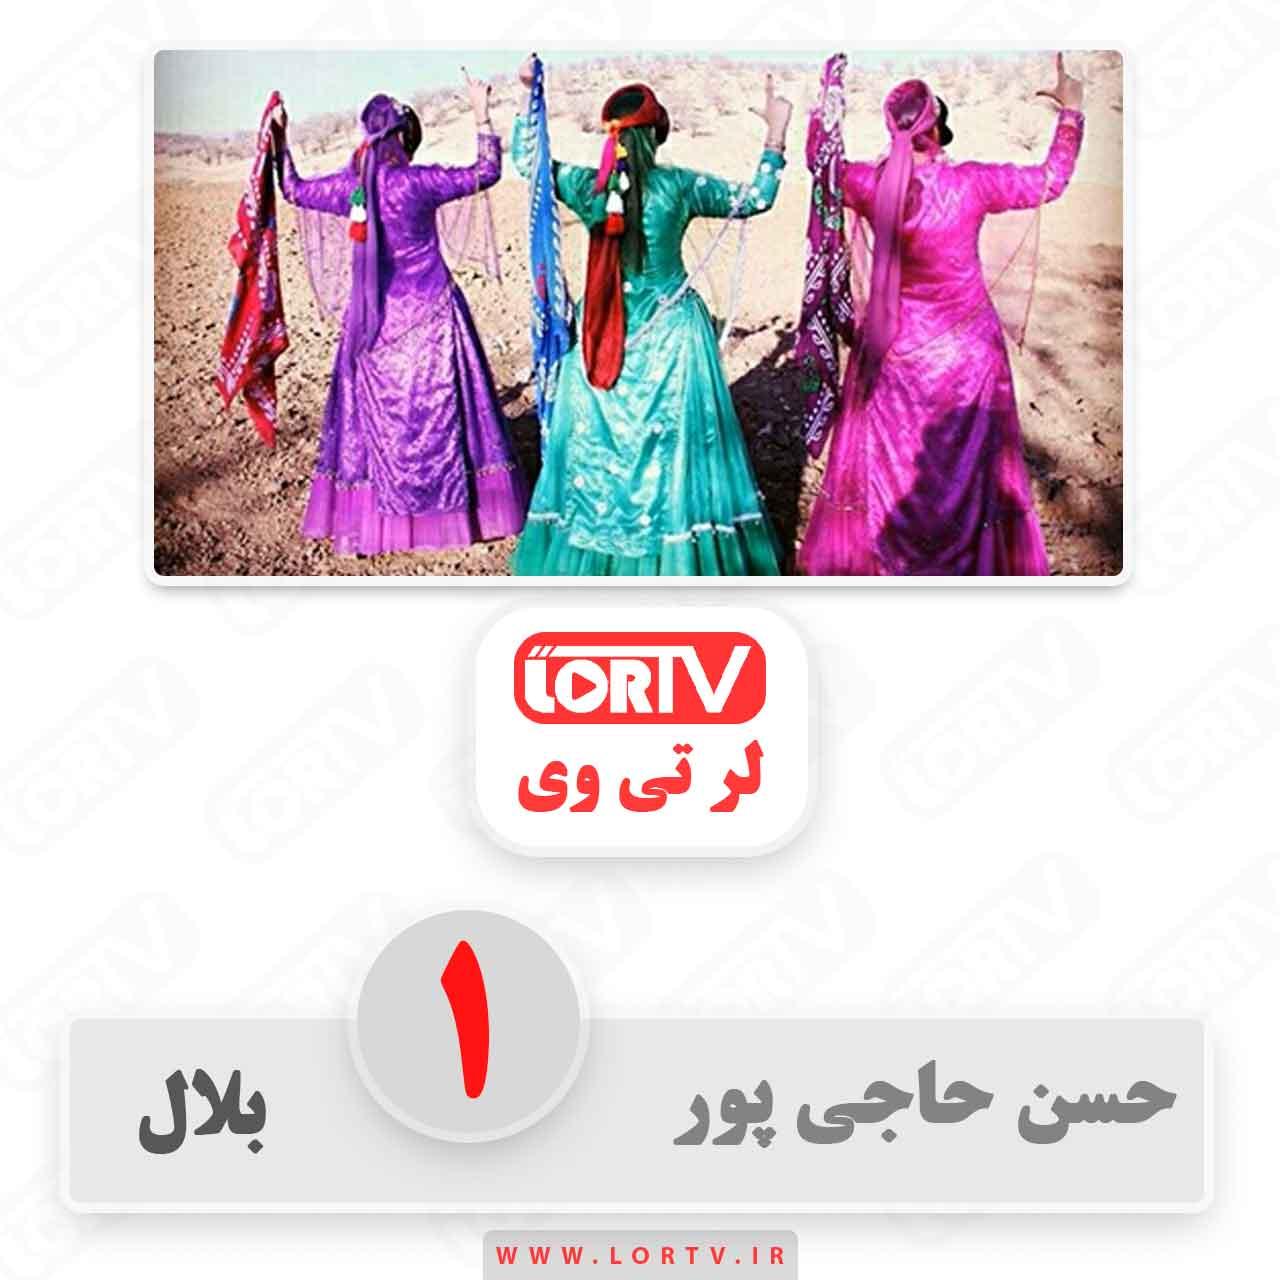 دانلود بلال لری بختیاری از حسن حاجی پور